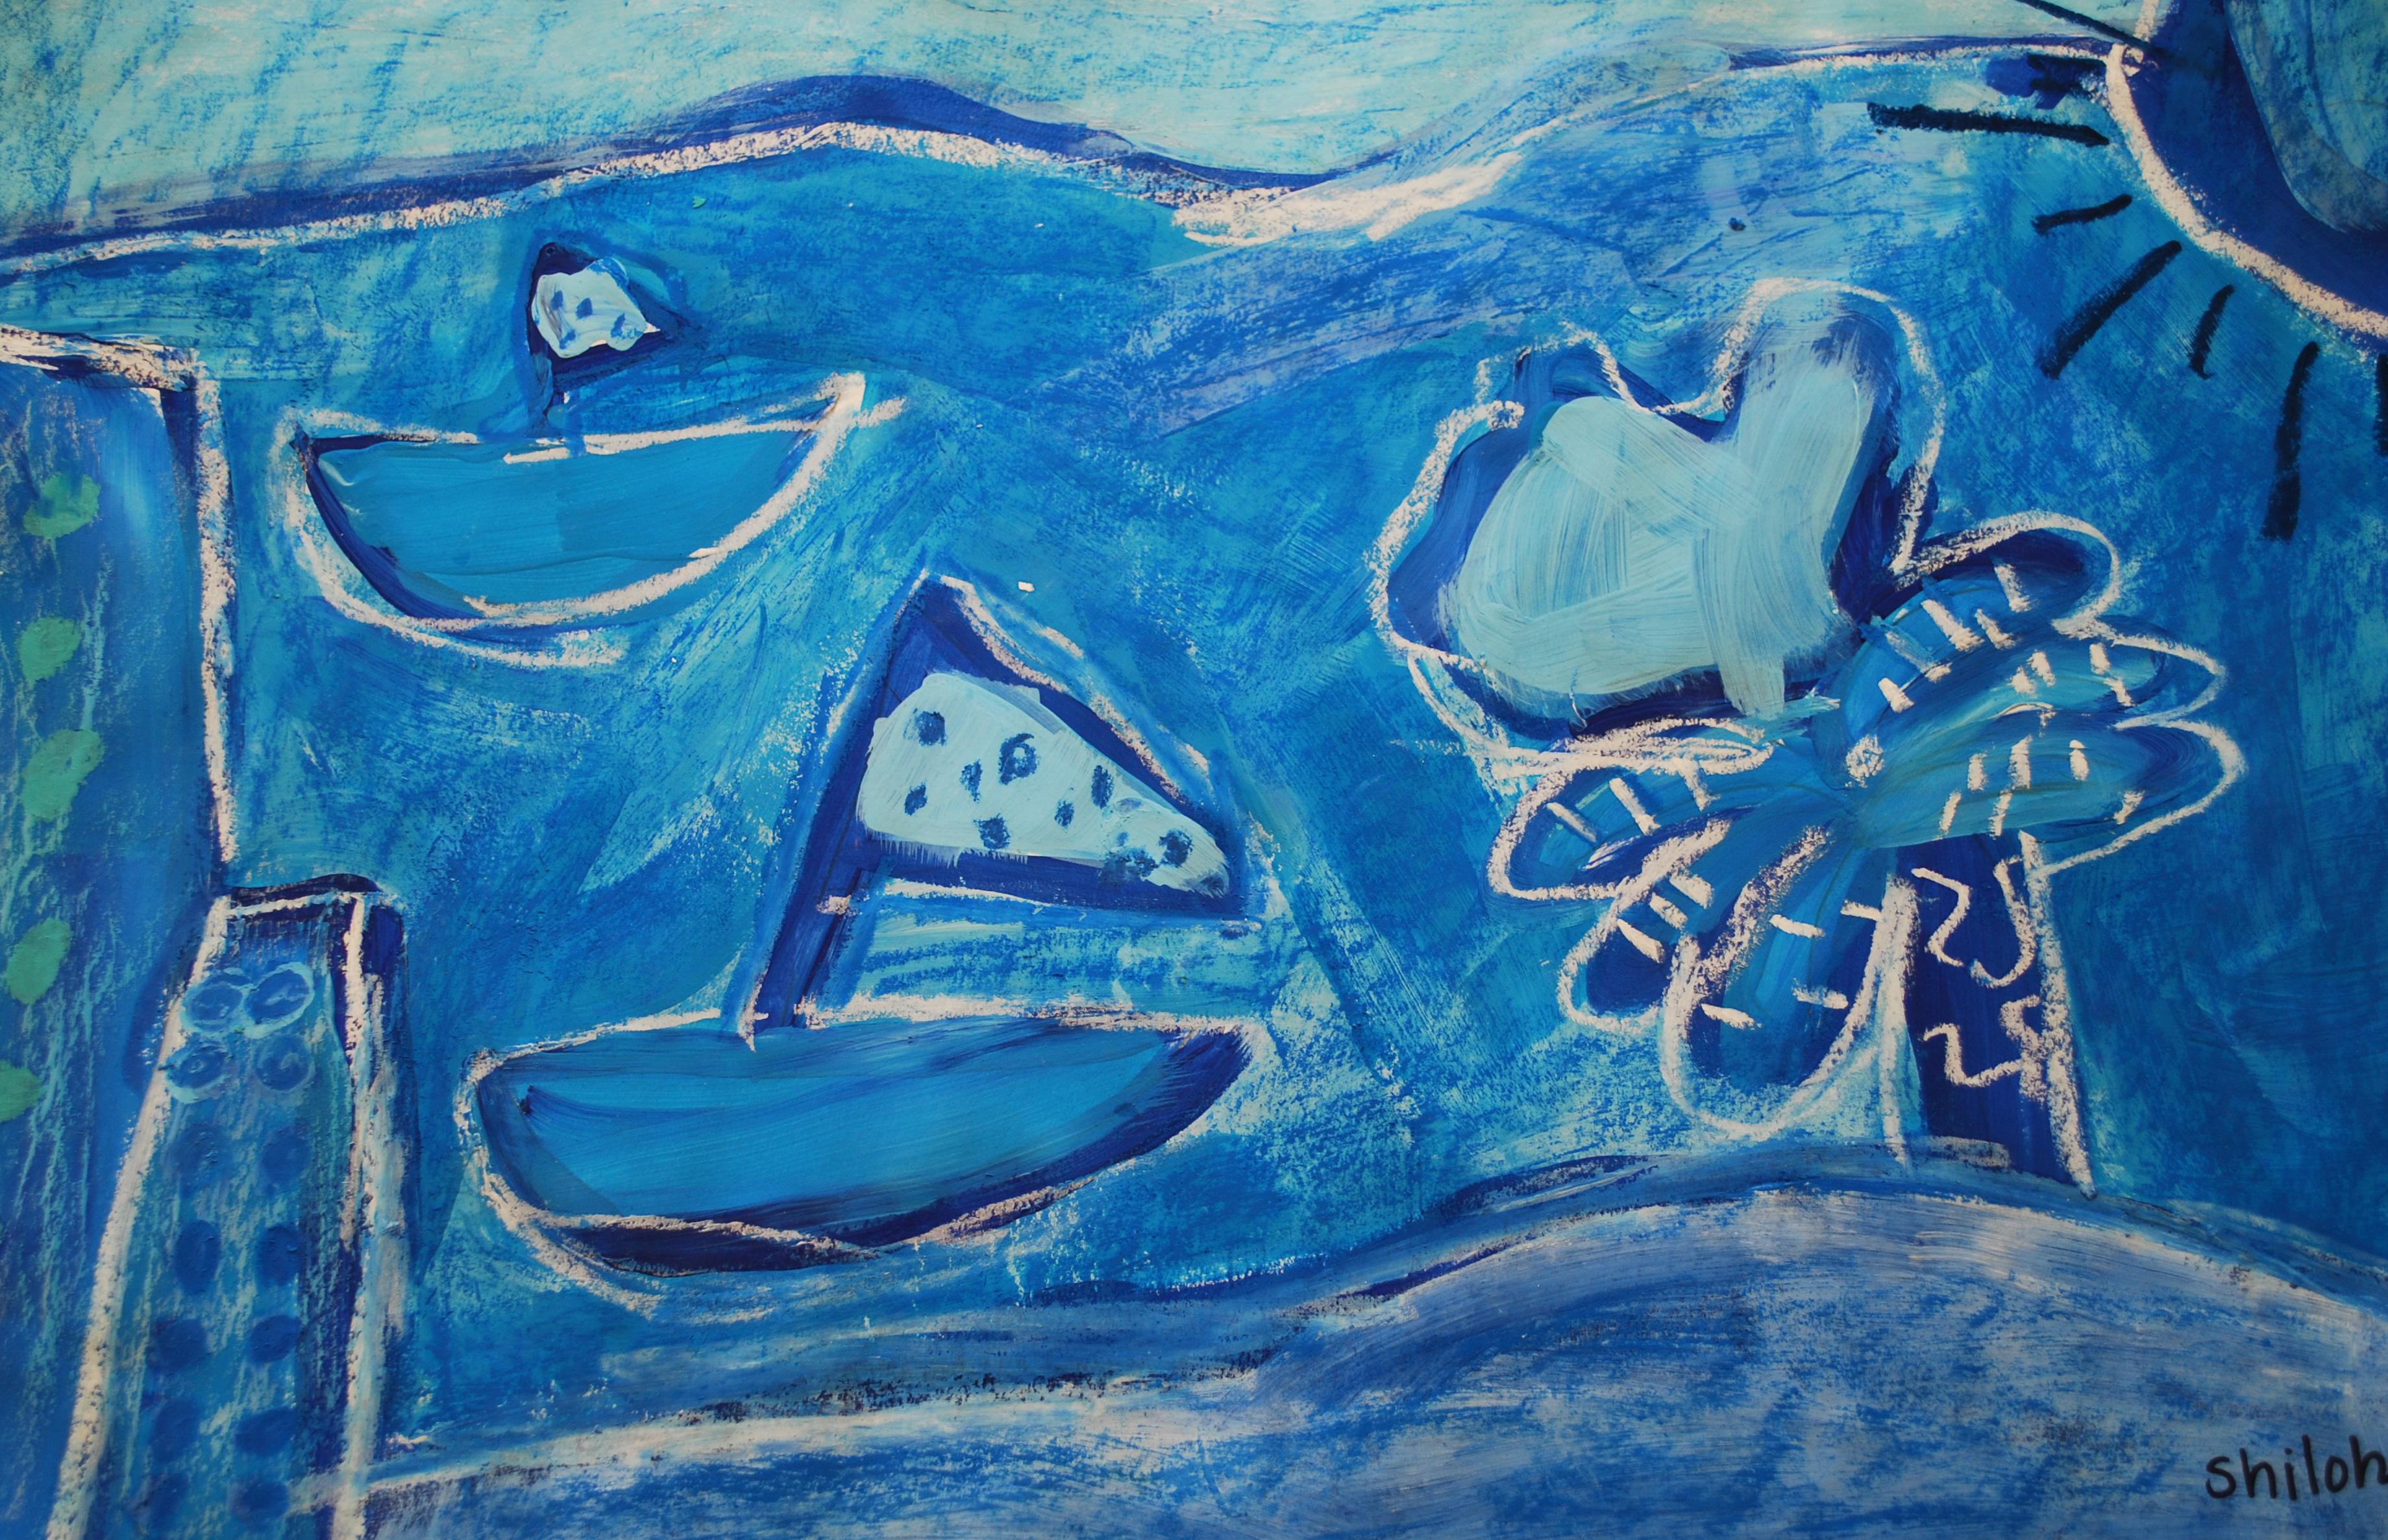 picassos-seascape_5396009562_o